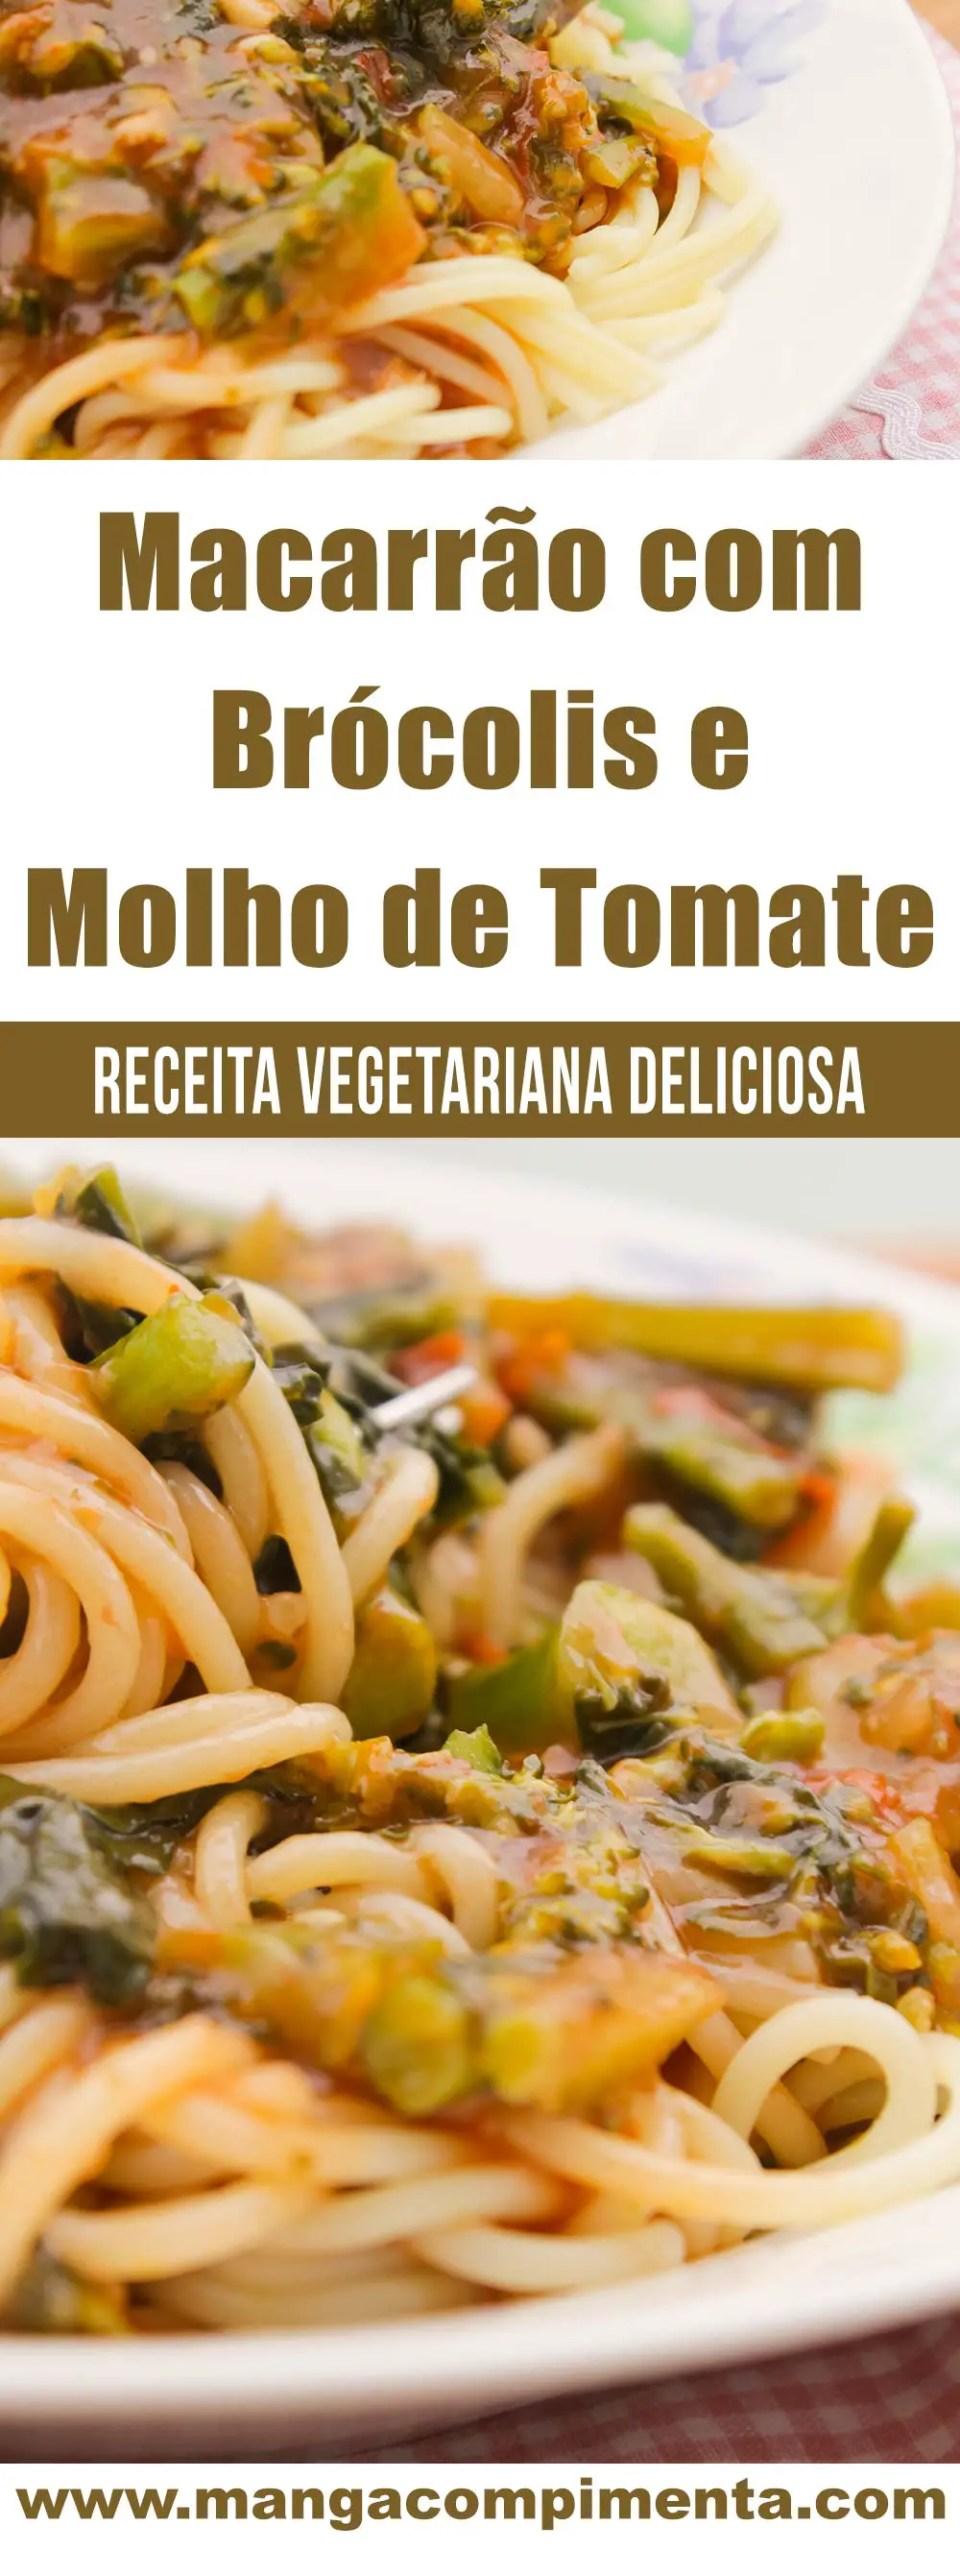 Macarrão com Brócolis e Molho de Tomate - um prato com gostinho especial, comida caseira de mamãe!